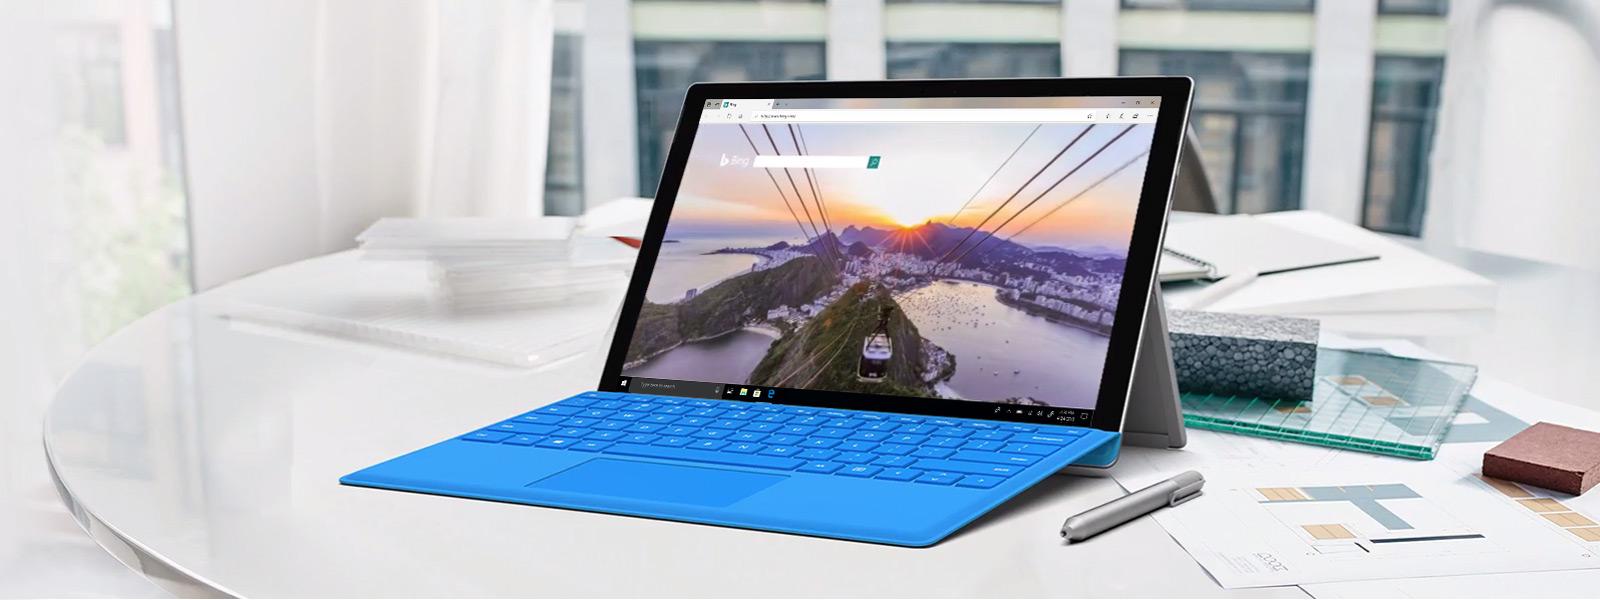 Το Microsoft Edge παρουσιάζει μια οθόνη αναζήτησης Bing